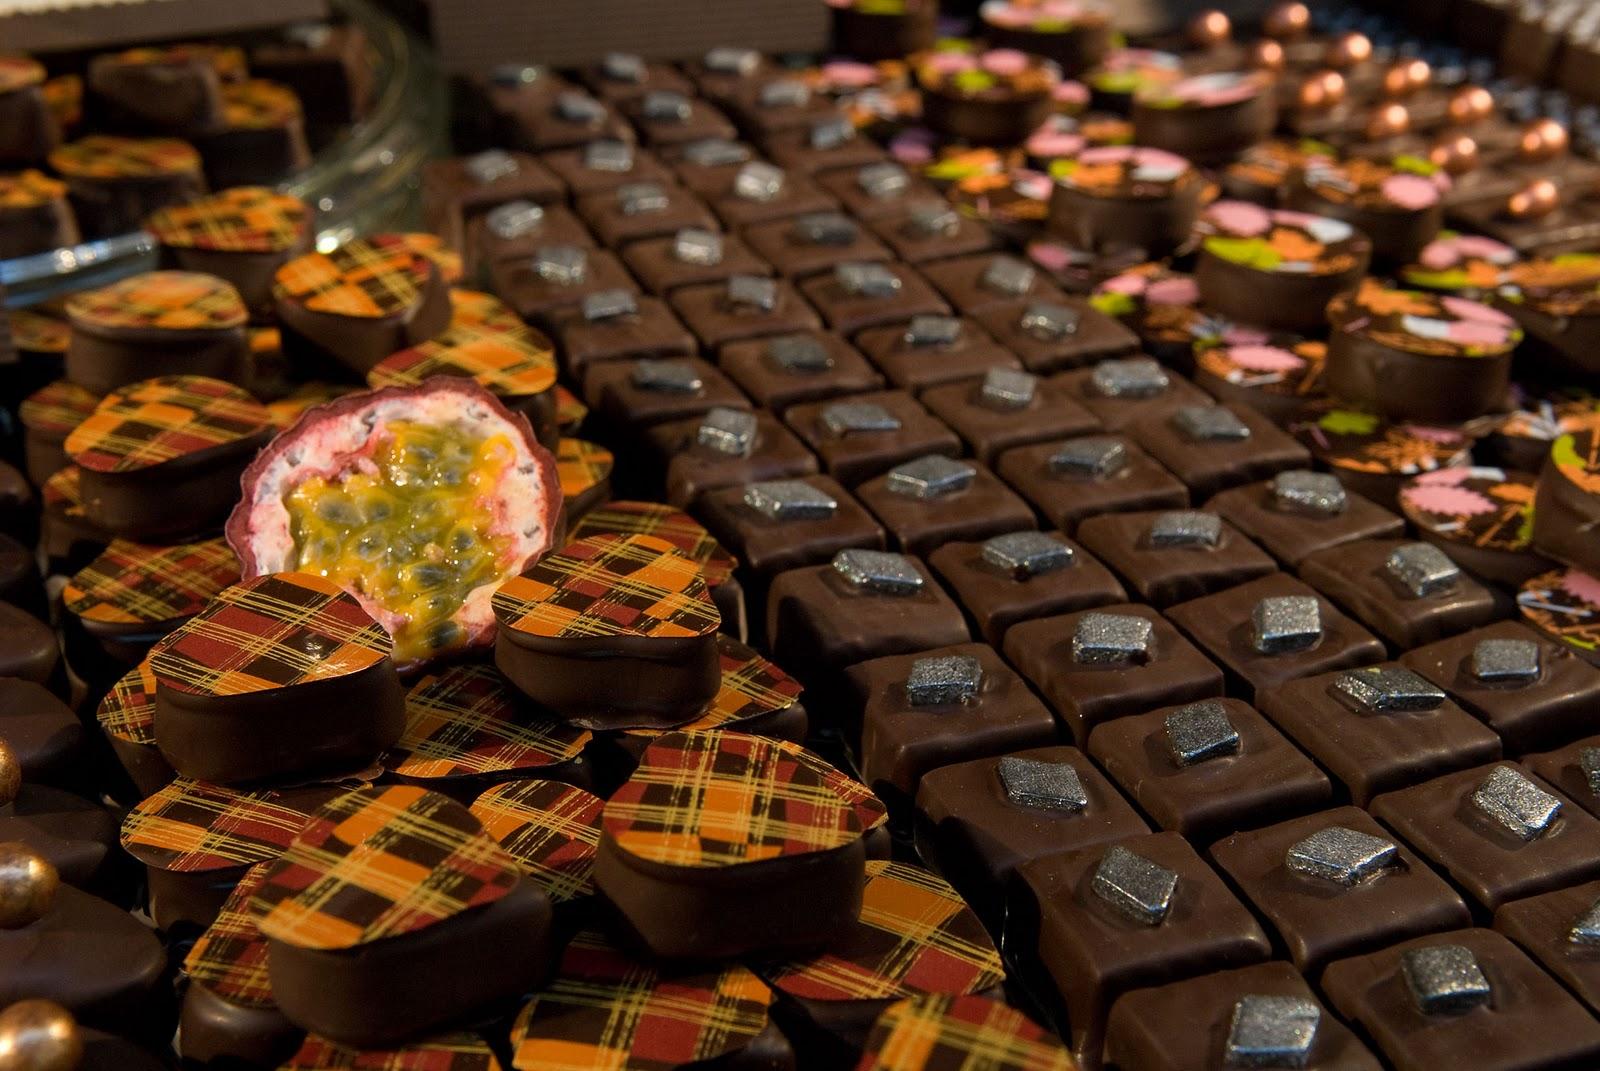 Magazin de ciocolată din Stockholm